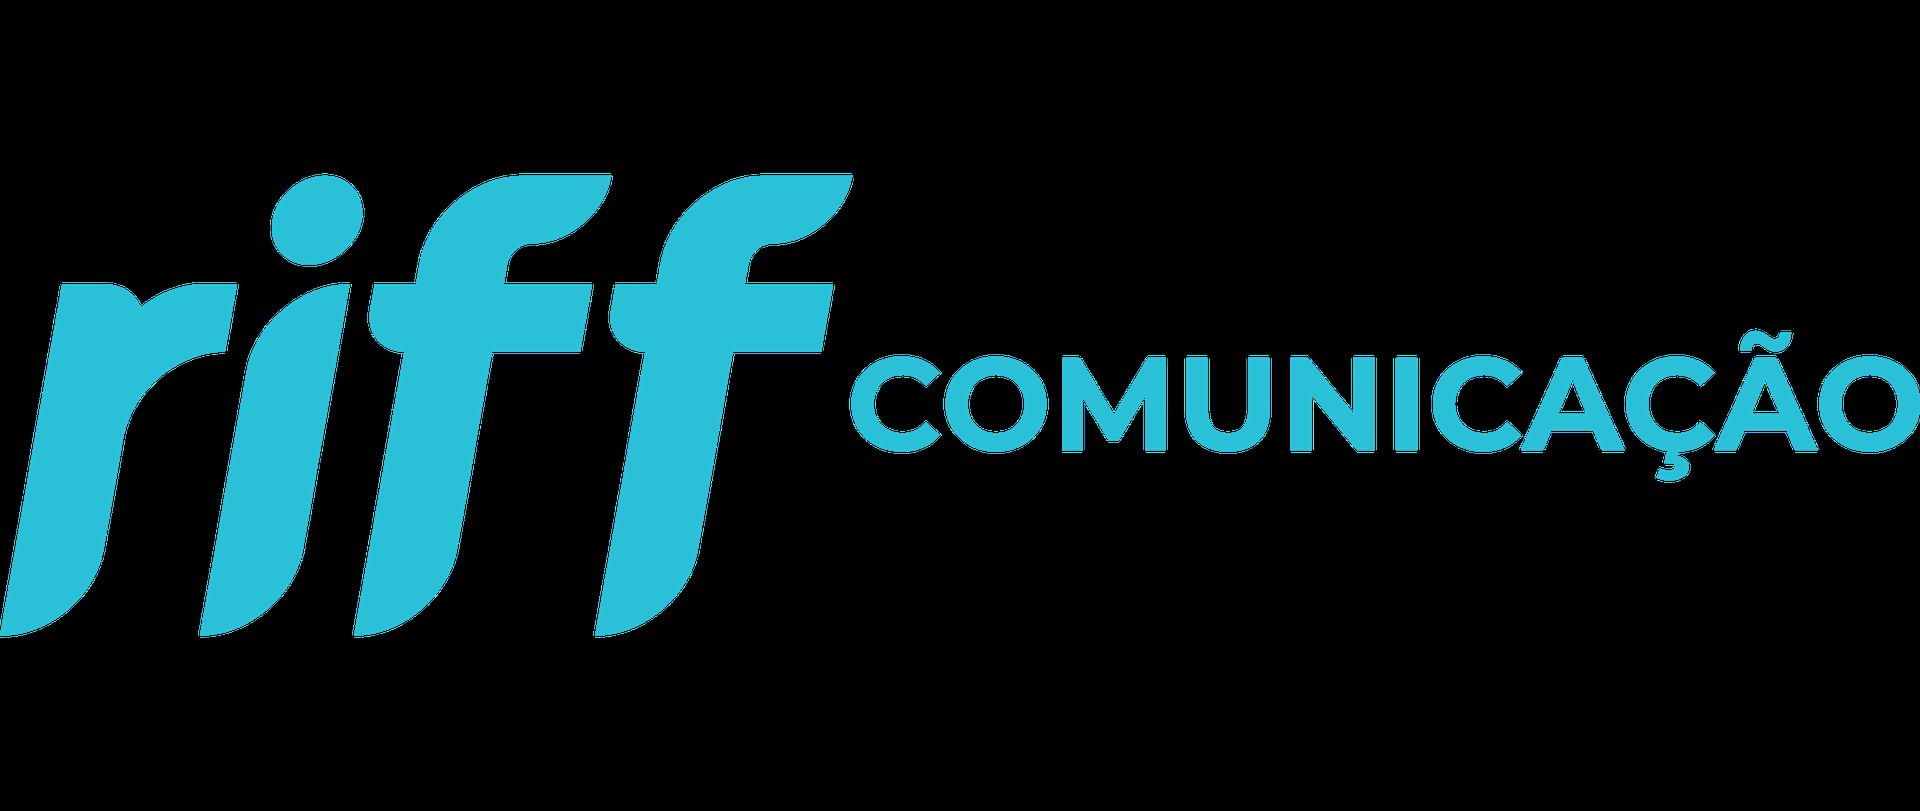 Riff Propaganda Lançamentos e Branding